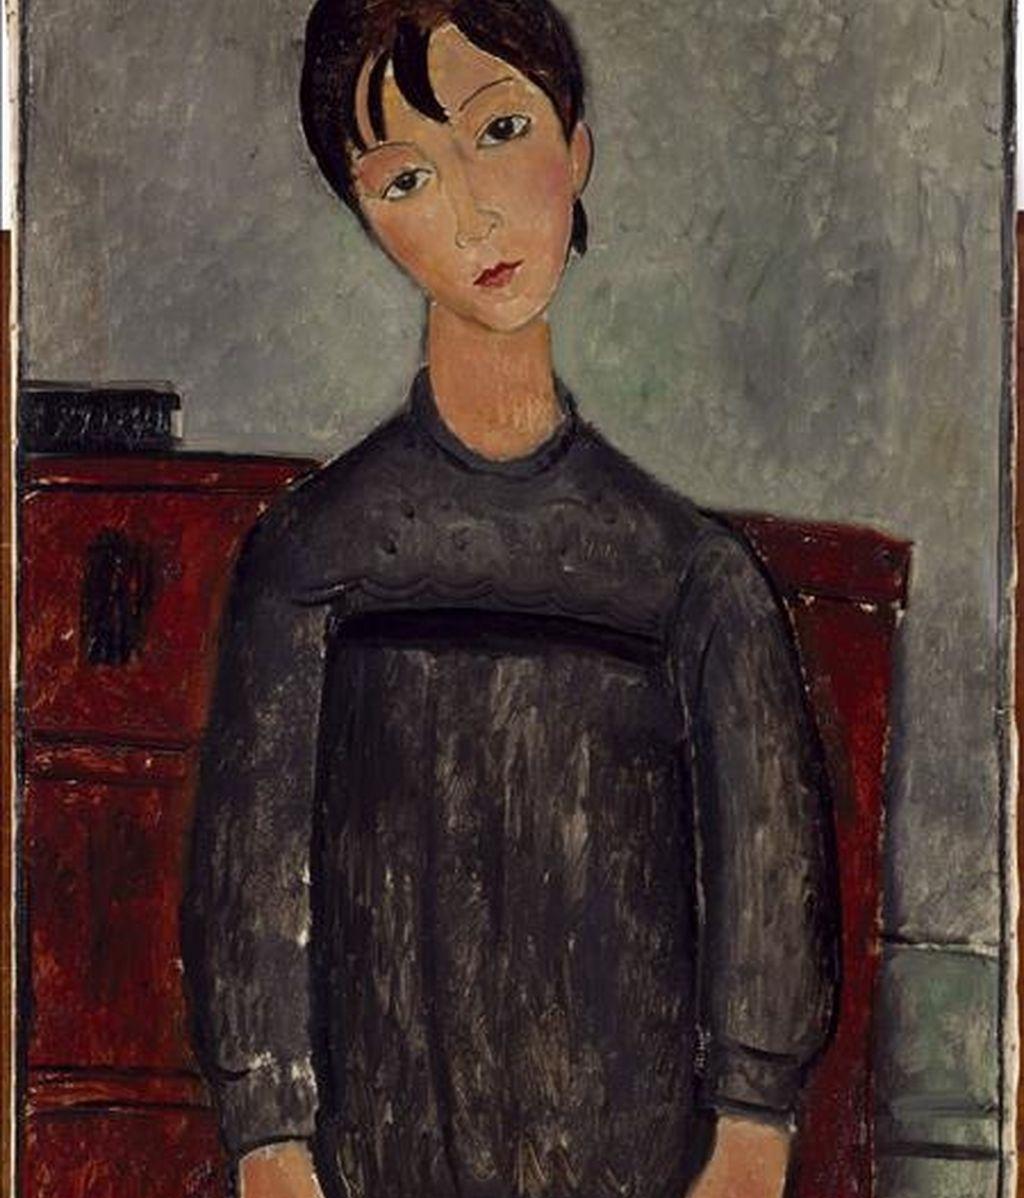 Los desnudos de Amadeo Modigliani, uno de los grandes artistas del siglo XX, llenan la Bundeskunsthalle de Bonn, en la mayor retrospectiva exhibida en Alemania de ese pintor en los últimos 17 años y que ha quedado abierta hoy al público. El museo de Bonn para mostrar las tendencias que cultivó entre 1909 y 1919 el polifacético maestro italiano, cuya vida estuvo ligada al escándalo y al desenfreno. EFE